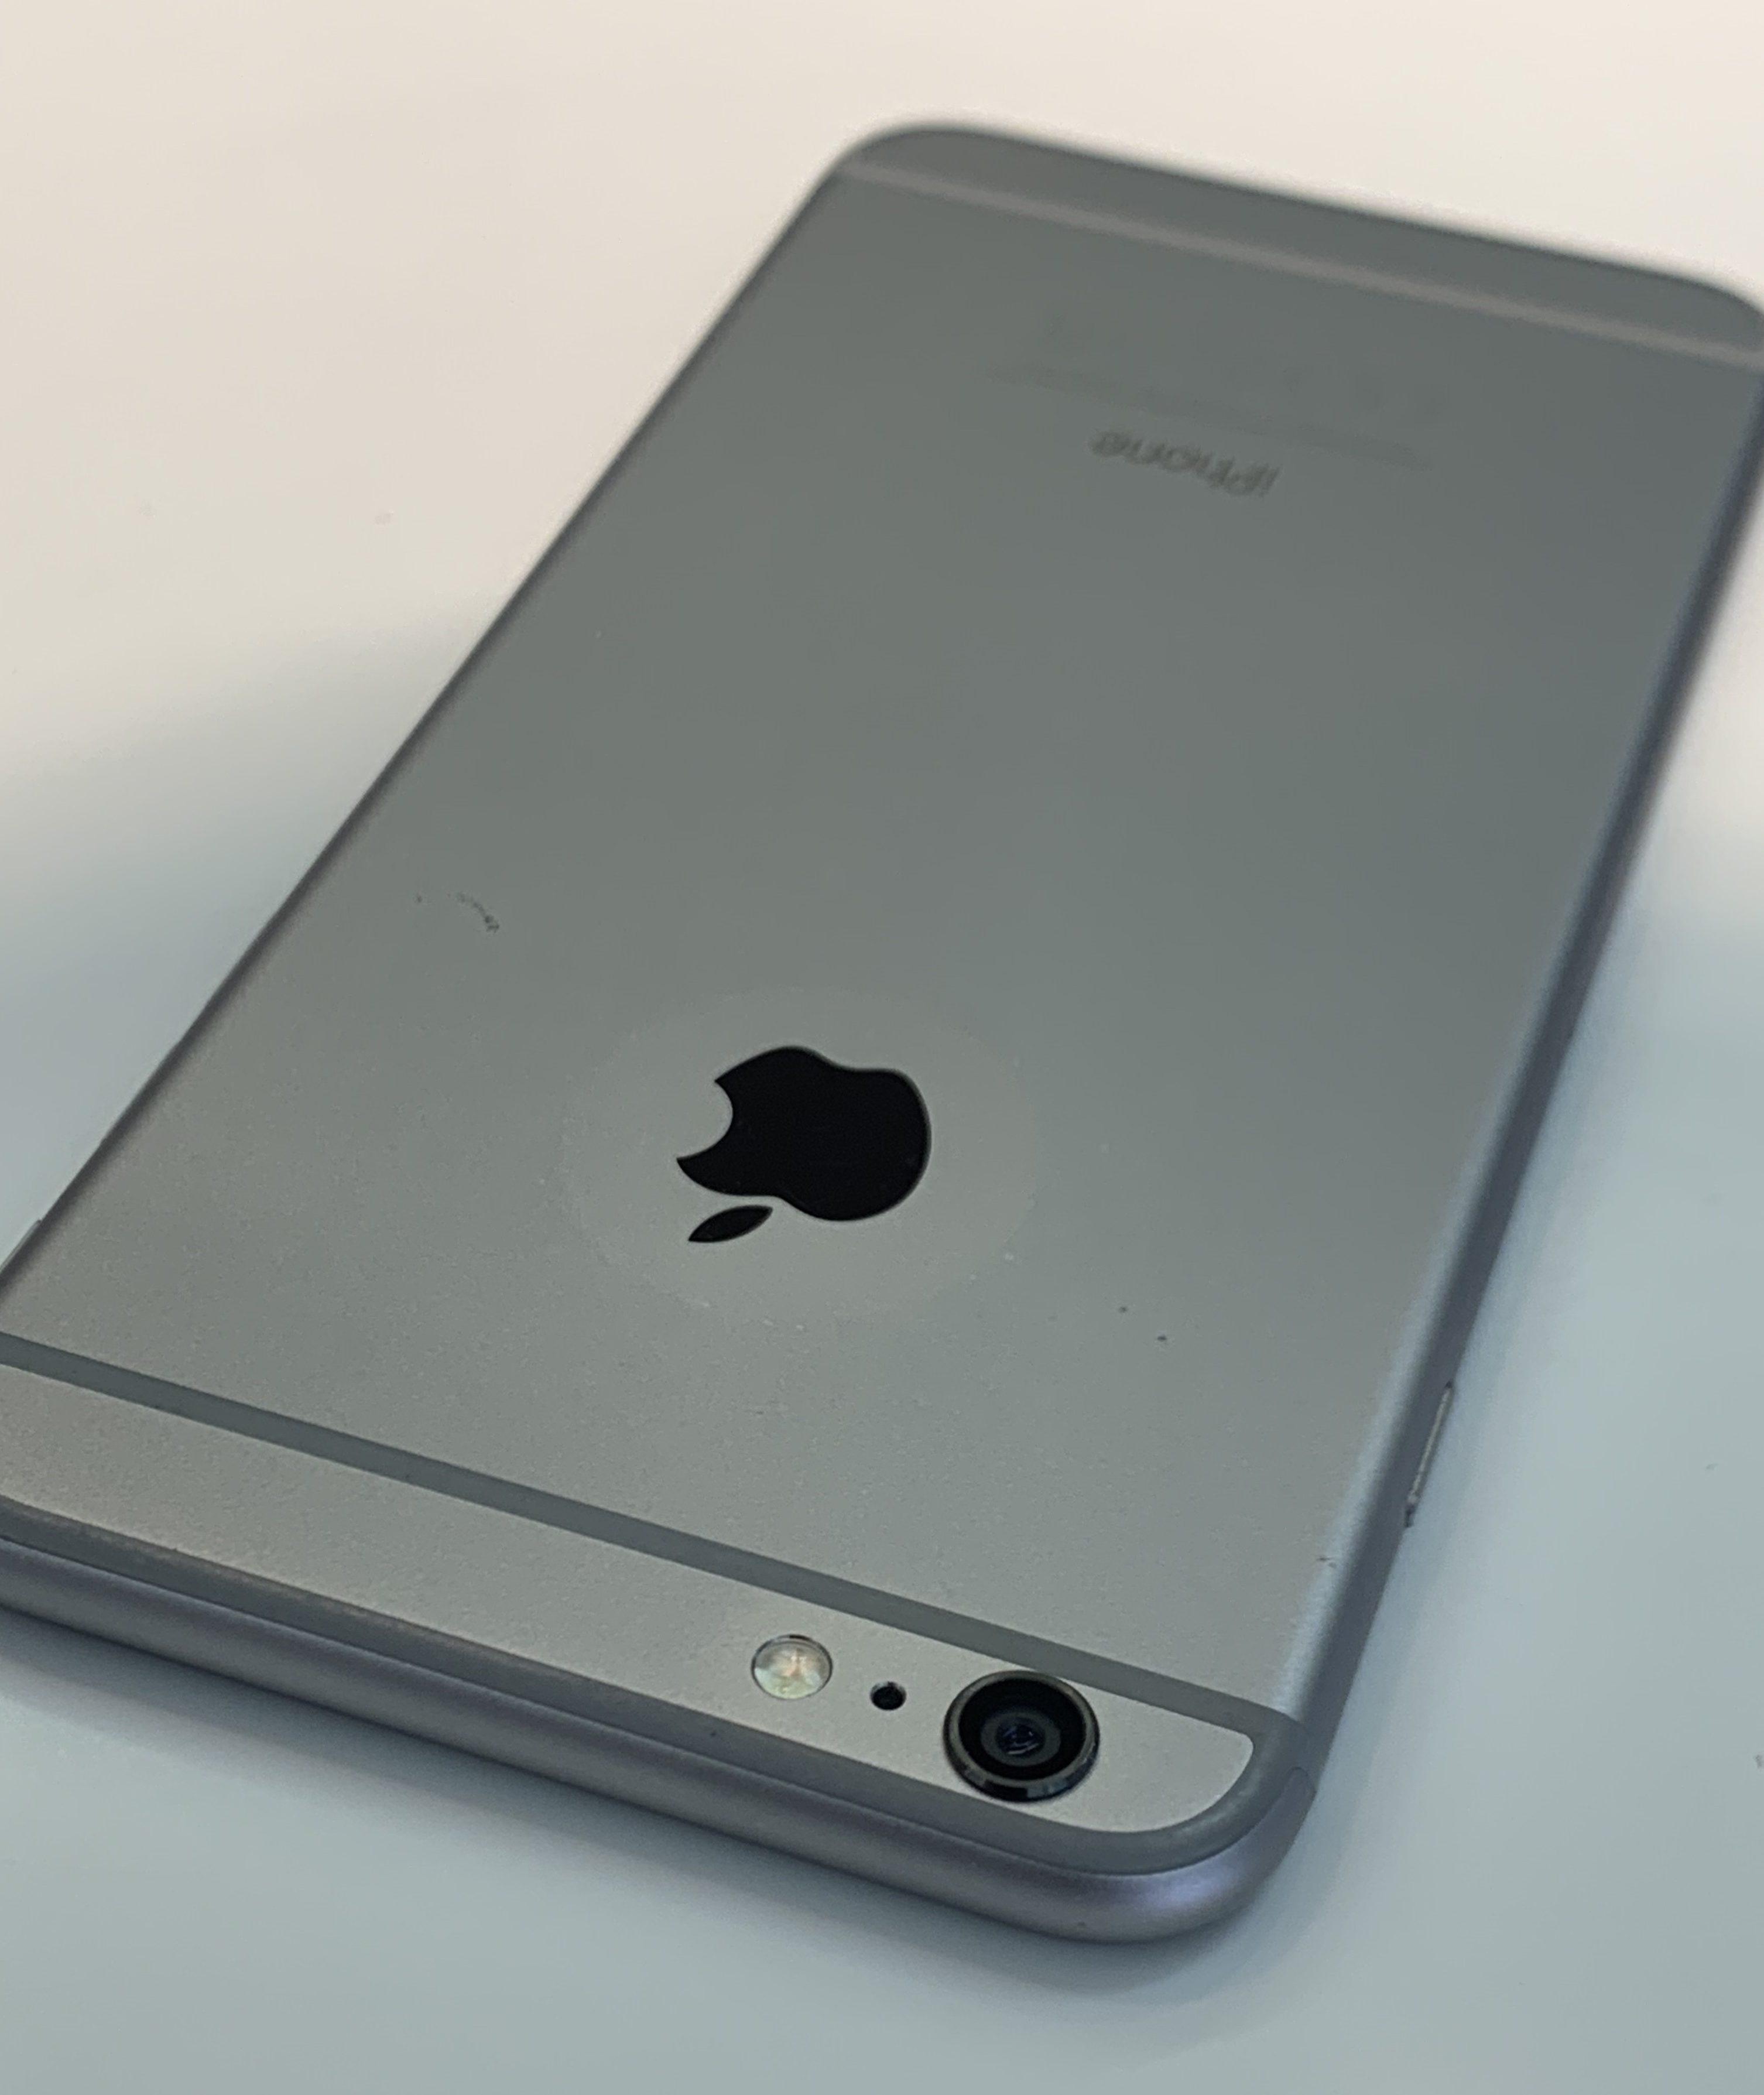 iPhone 6 Plus 16GB, 16 GB, Space Gray, imagen 5